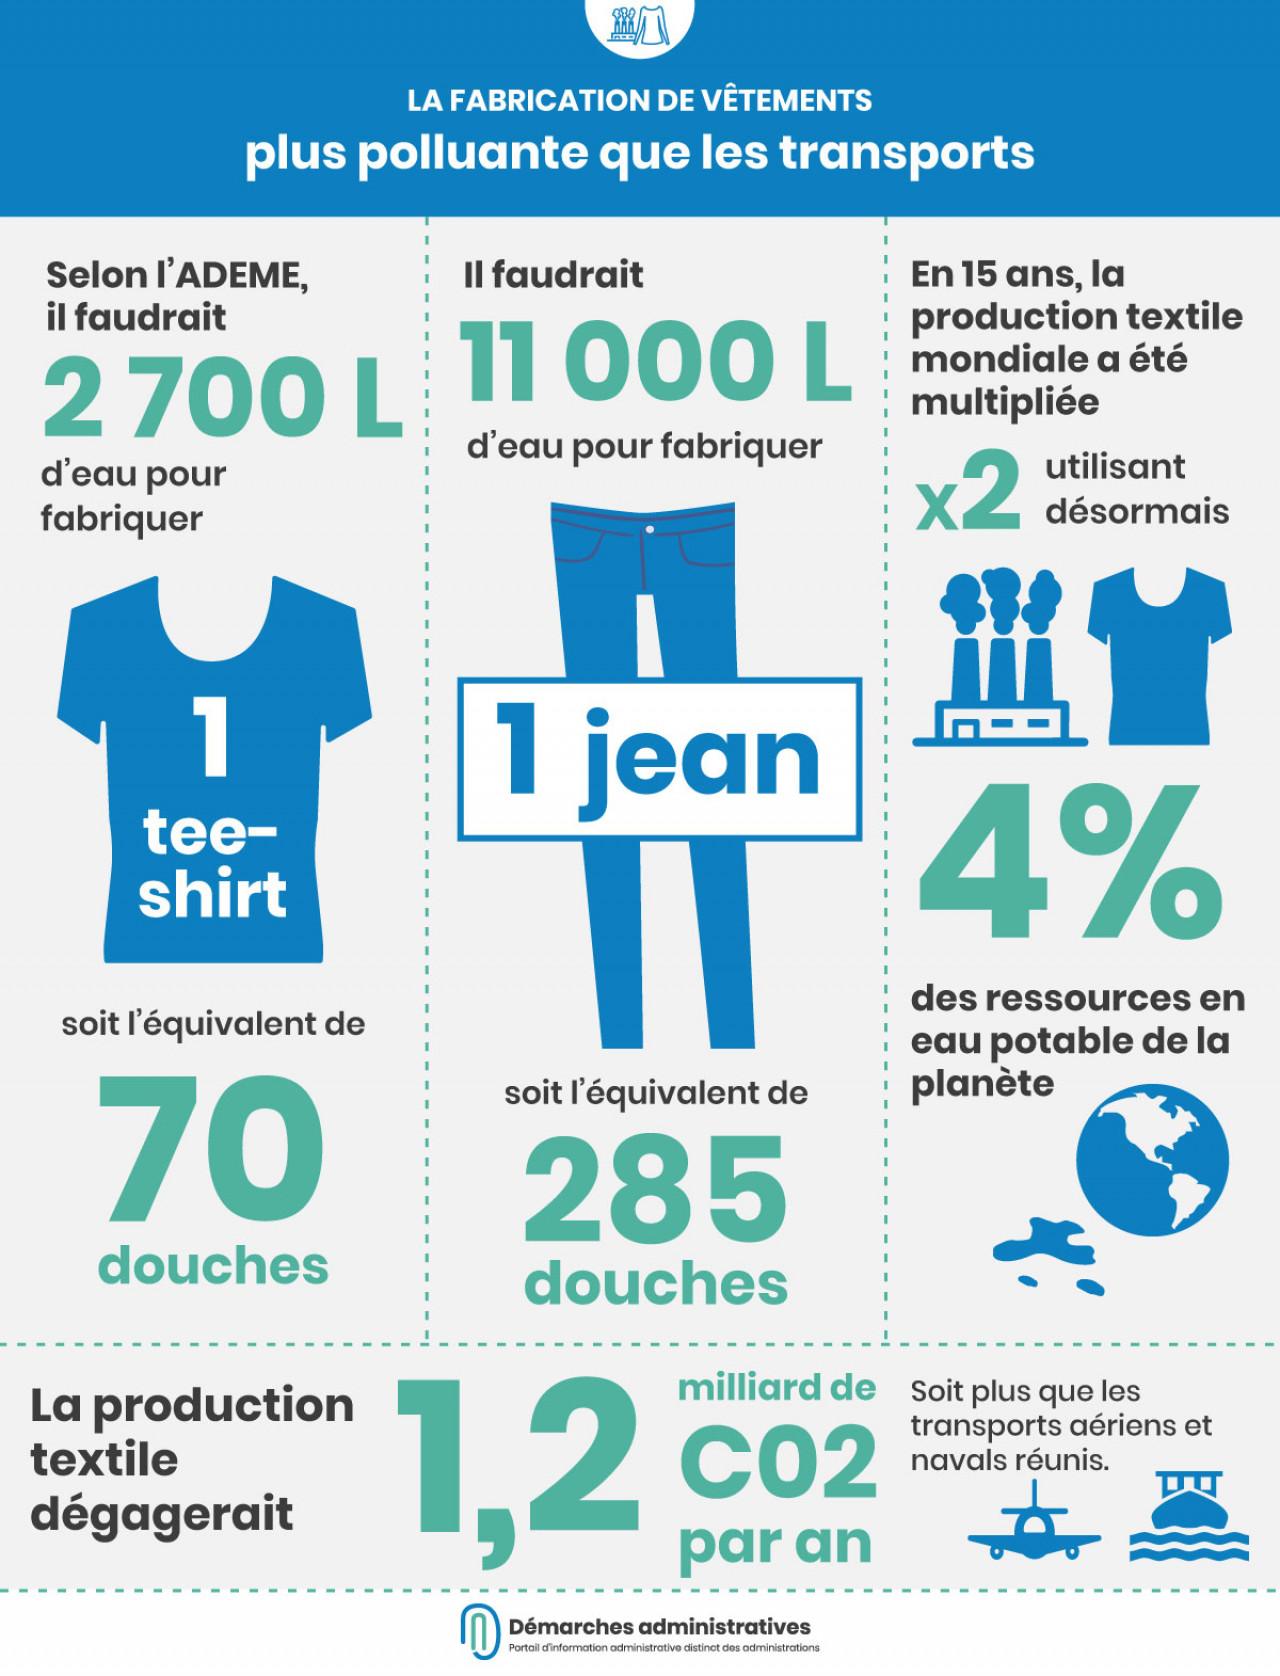 La fabrication de vêtements est plus polluante que les transports